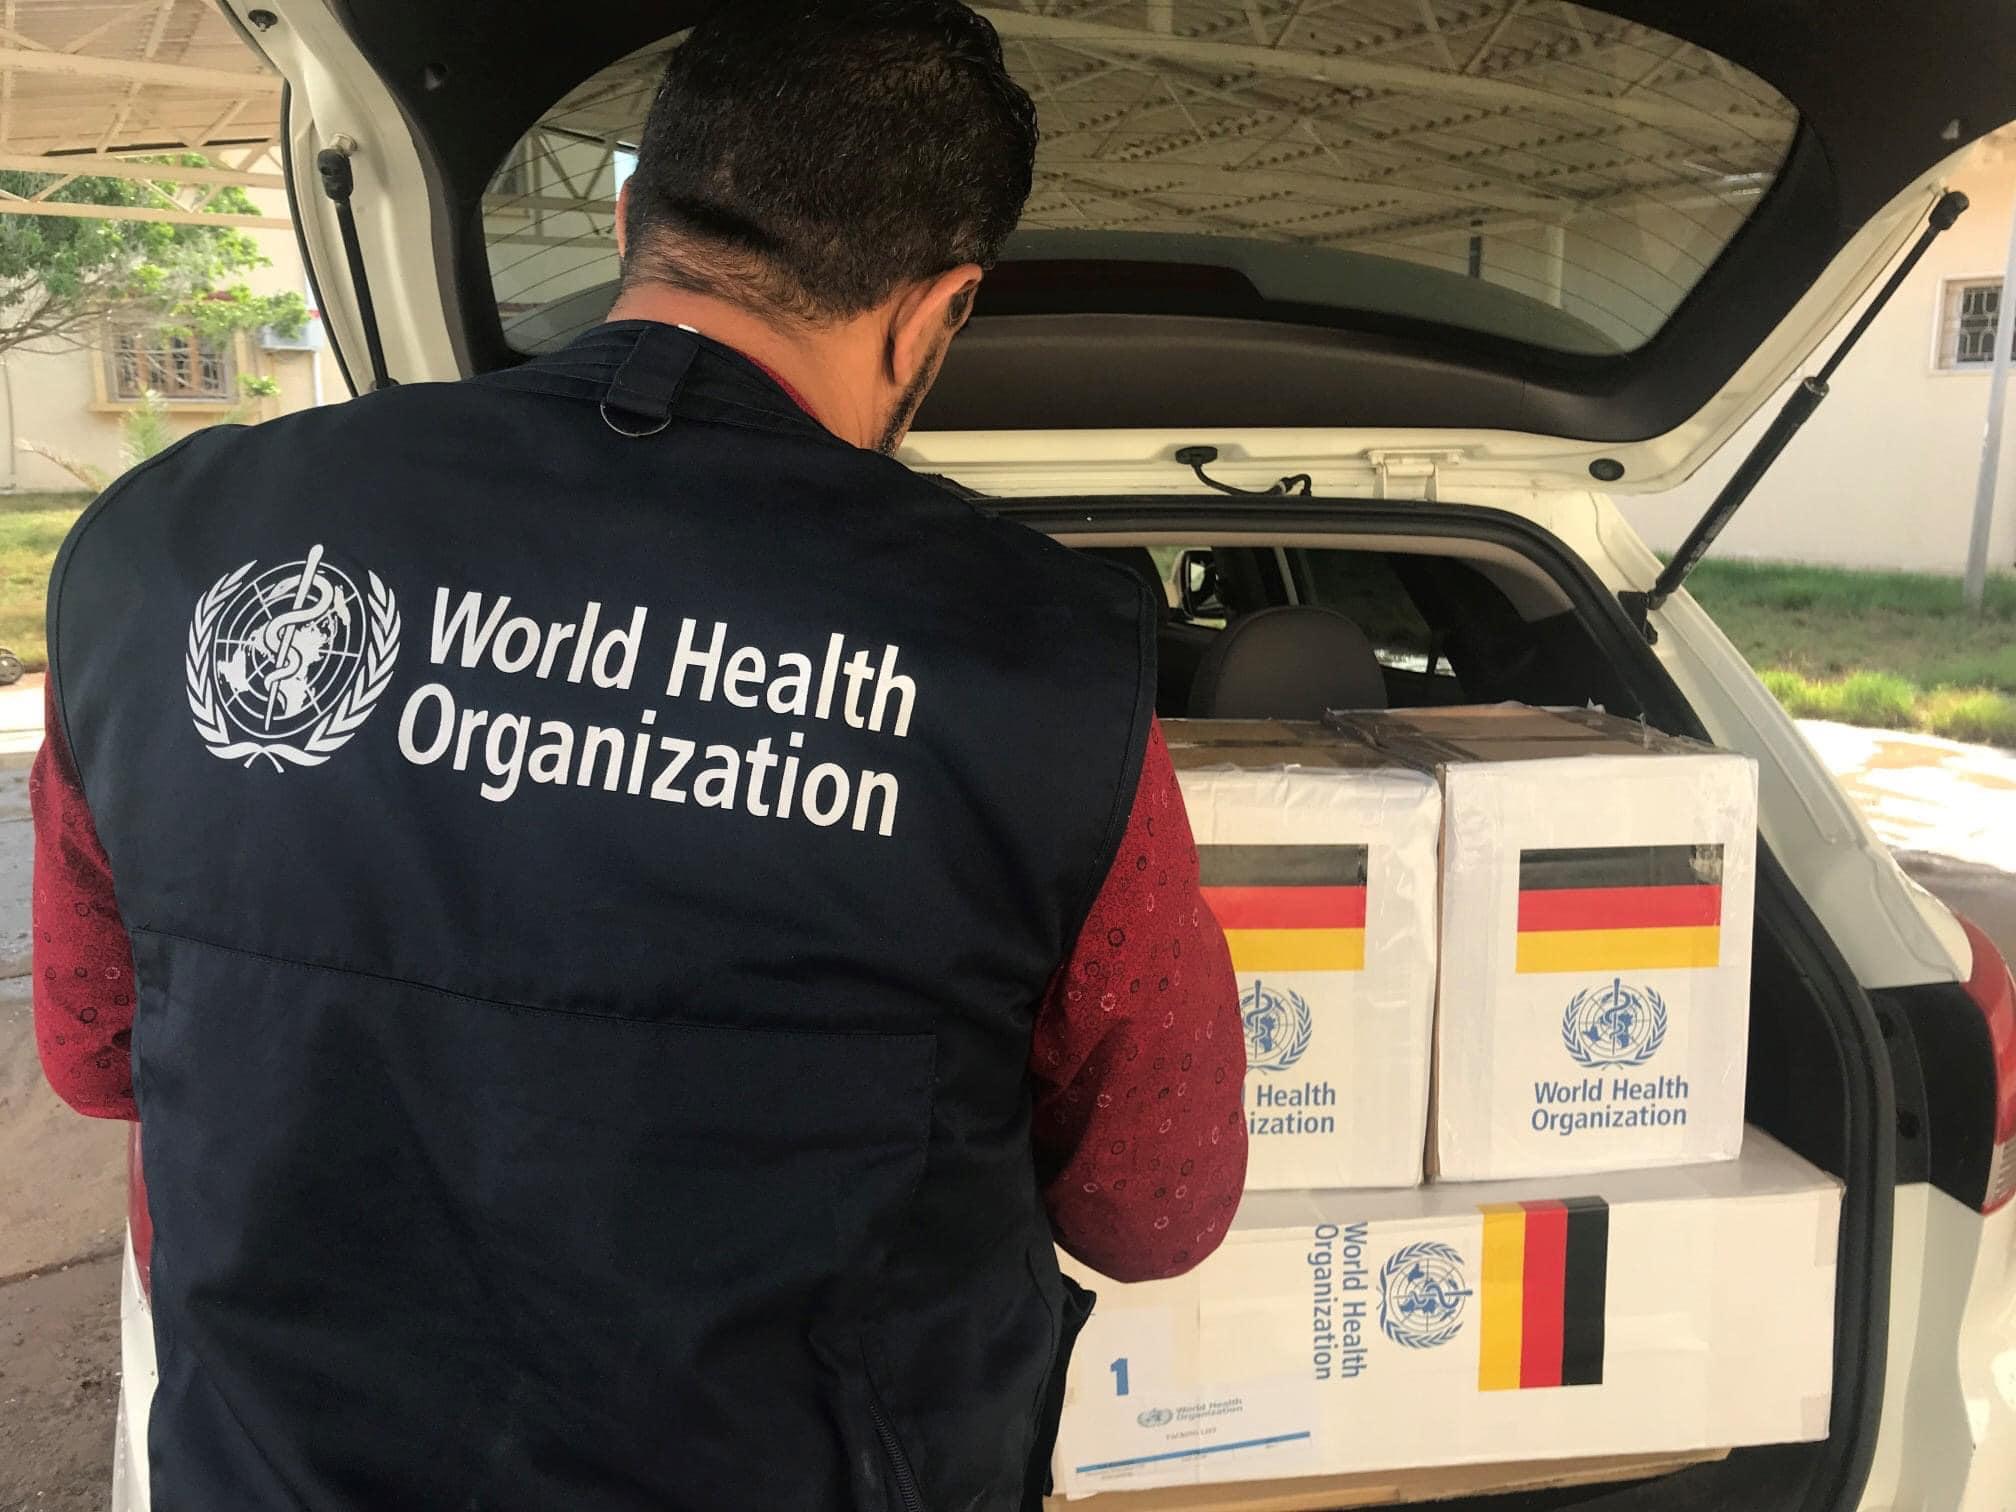 الصحة العالمية تُقدّم شحنة من الأدوية لمستشفى الرازي في طرابلس